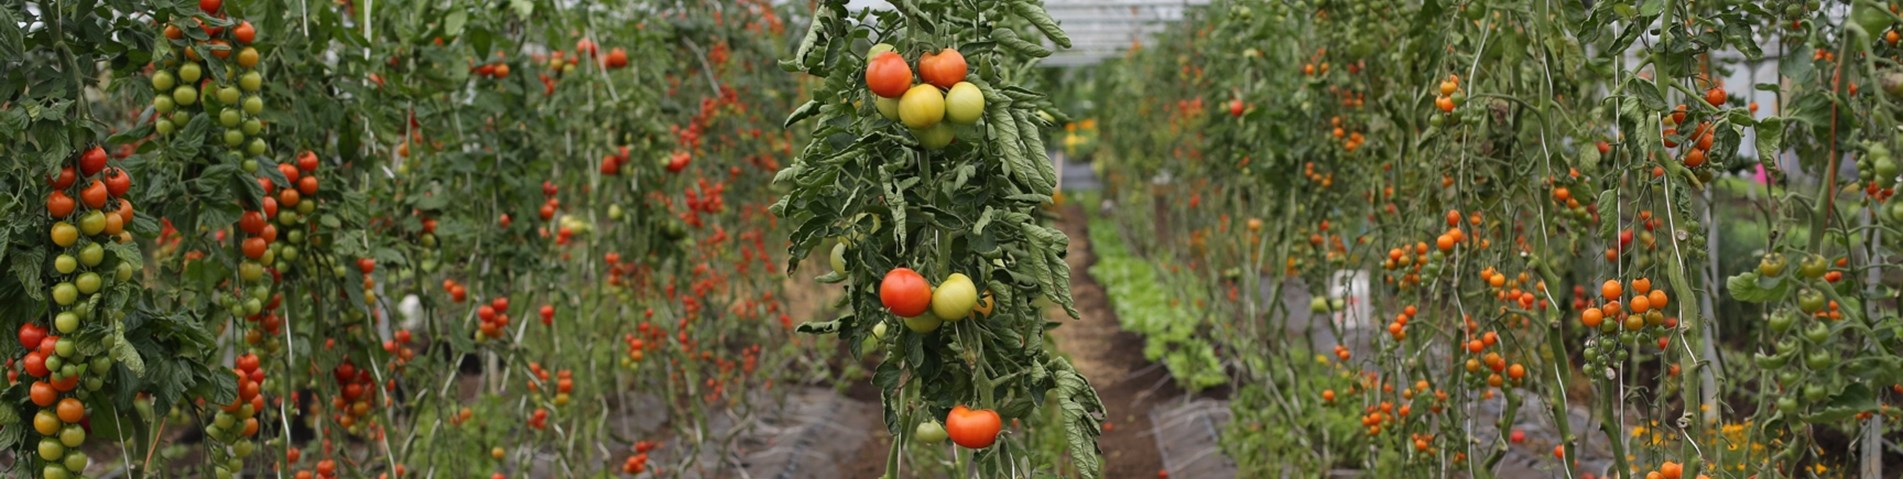 Market Gardening Essentials